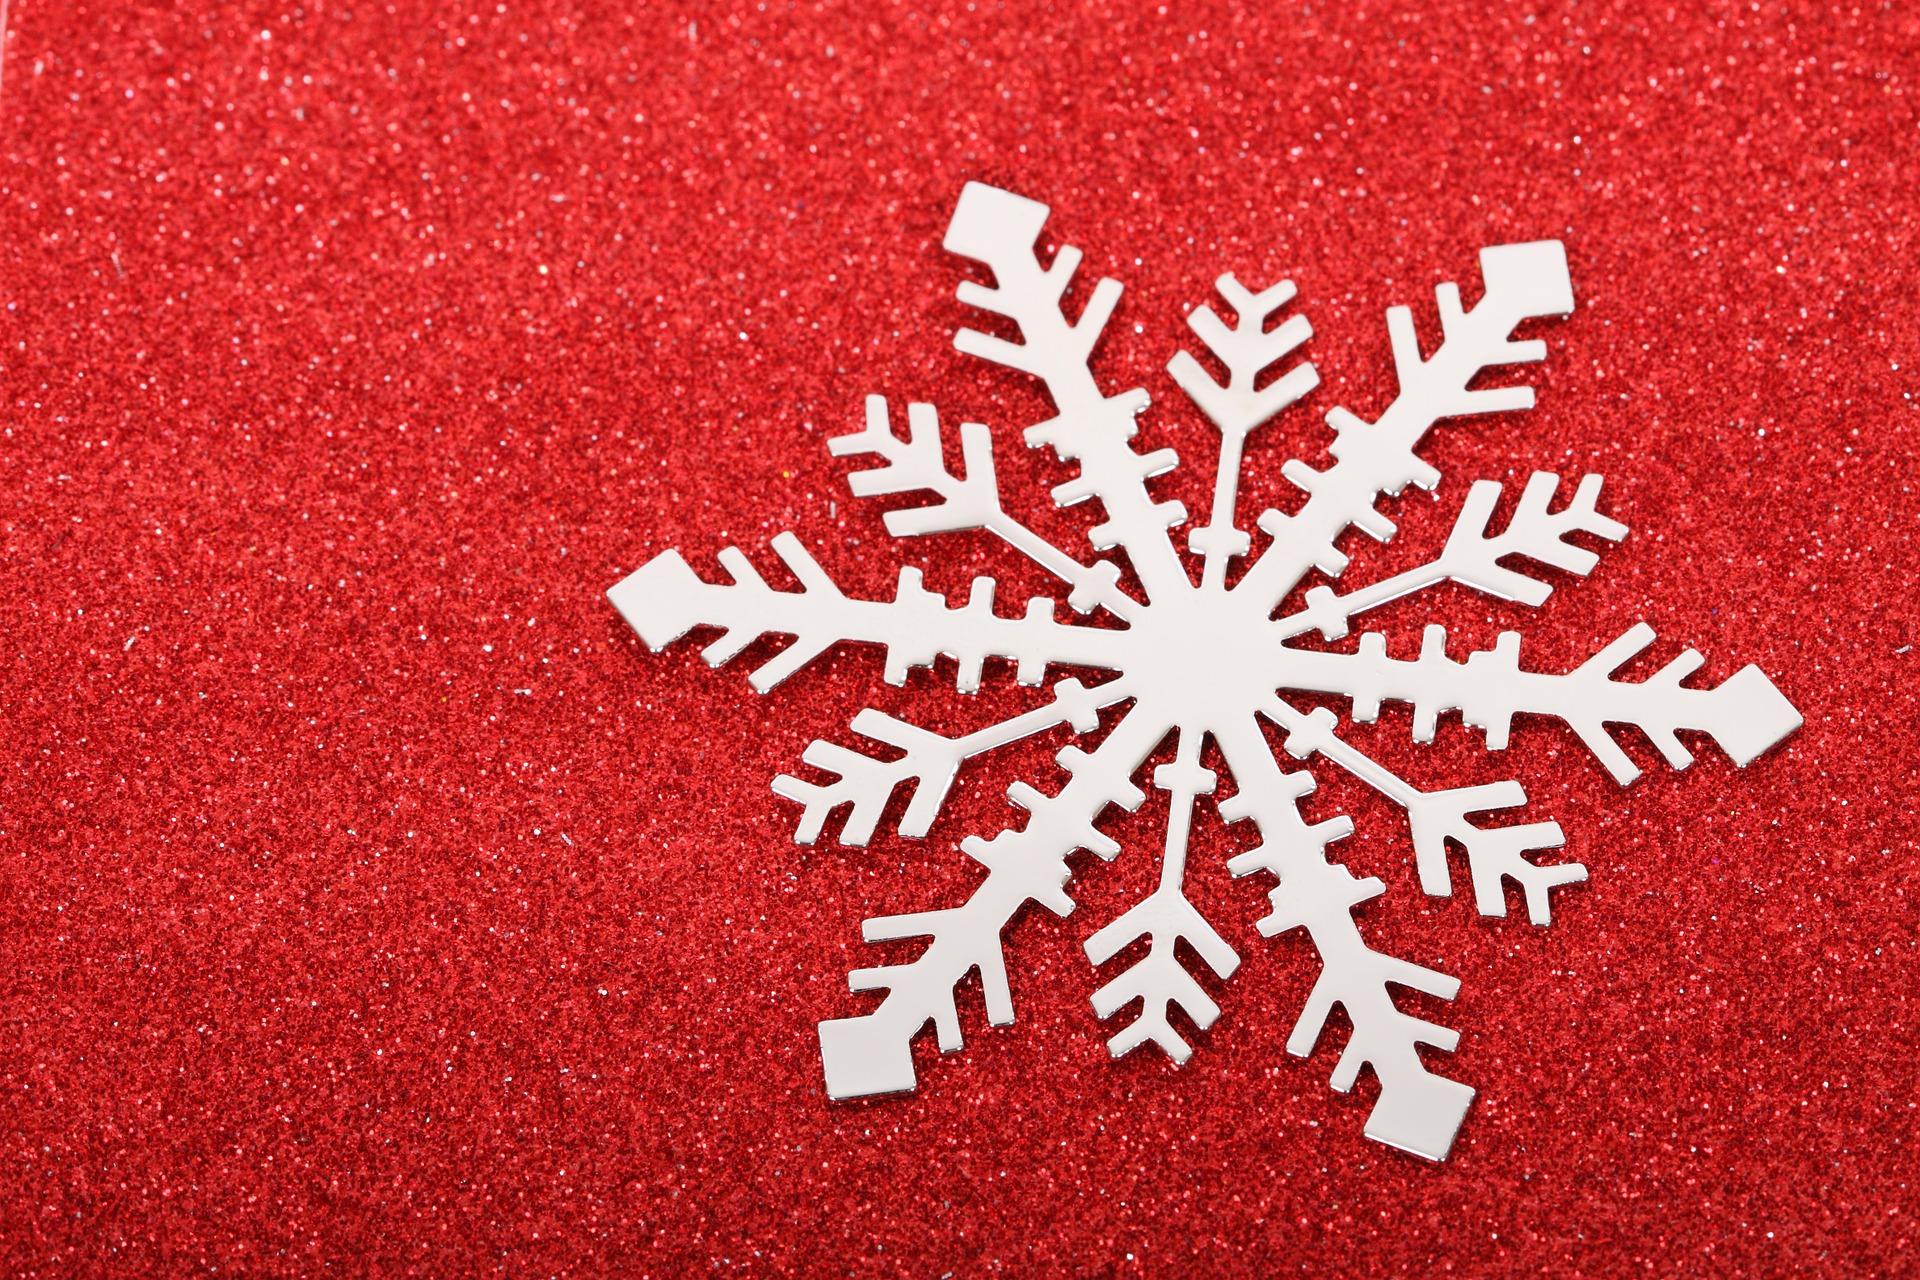 Zajęcia plastyczne dla dzieci: Płatki śniegu z papieru